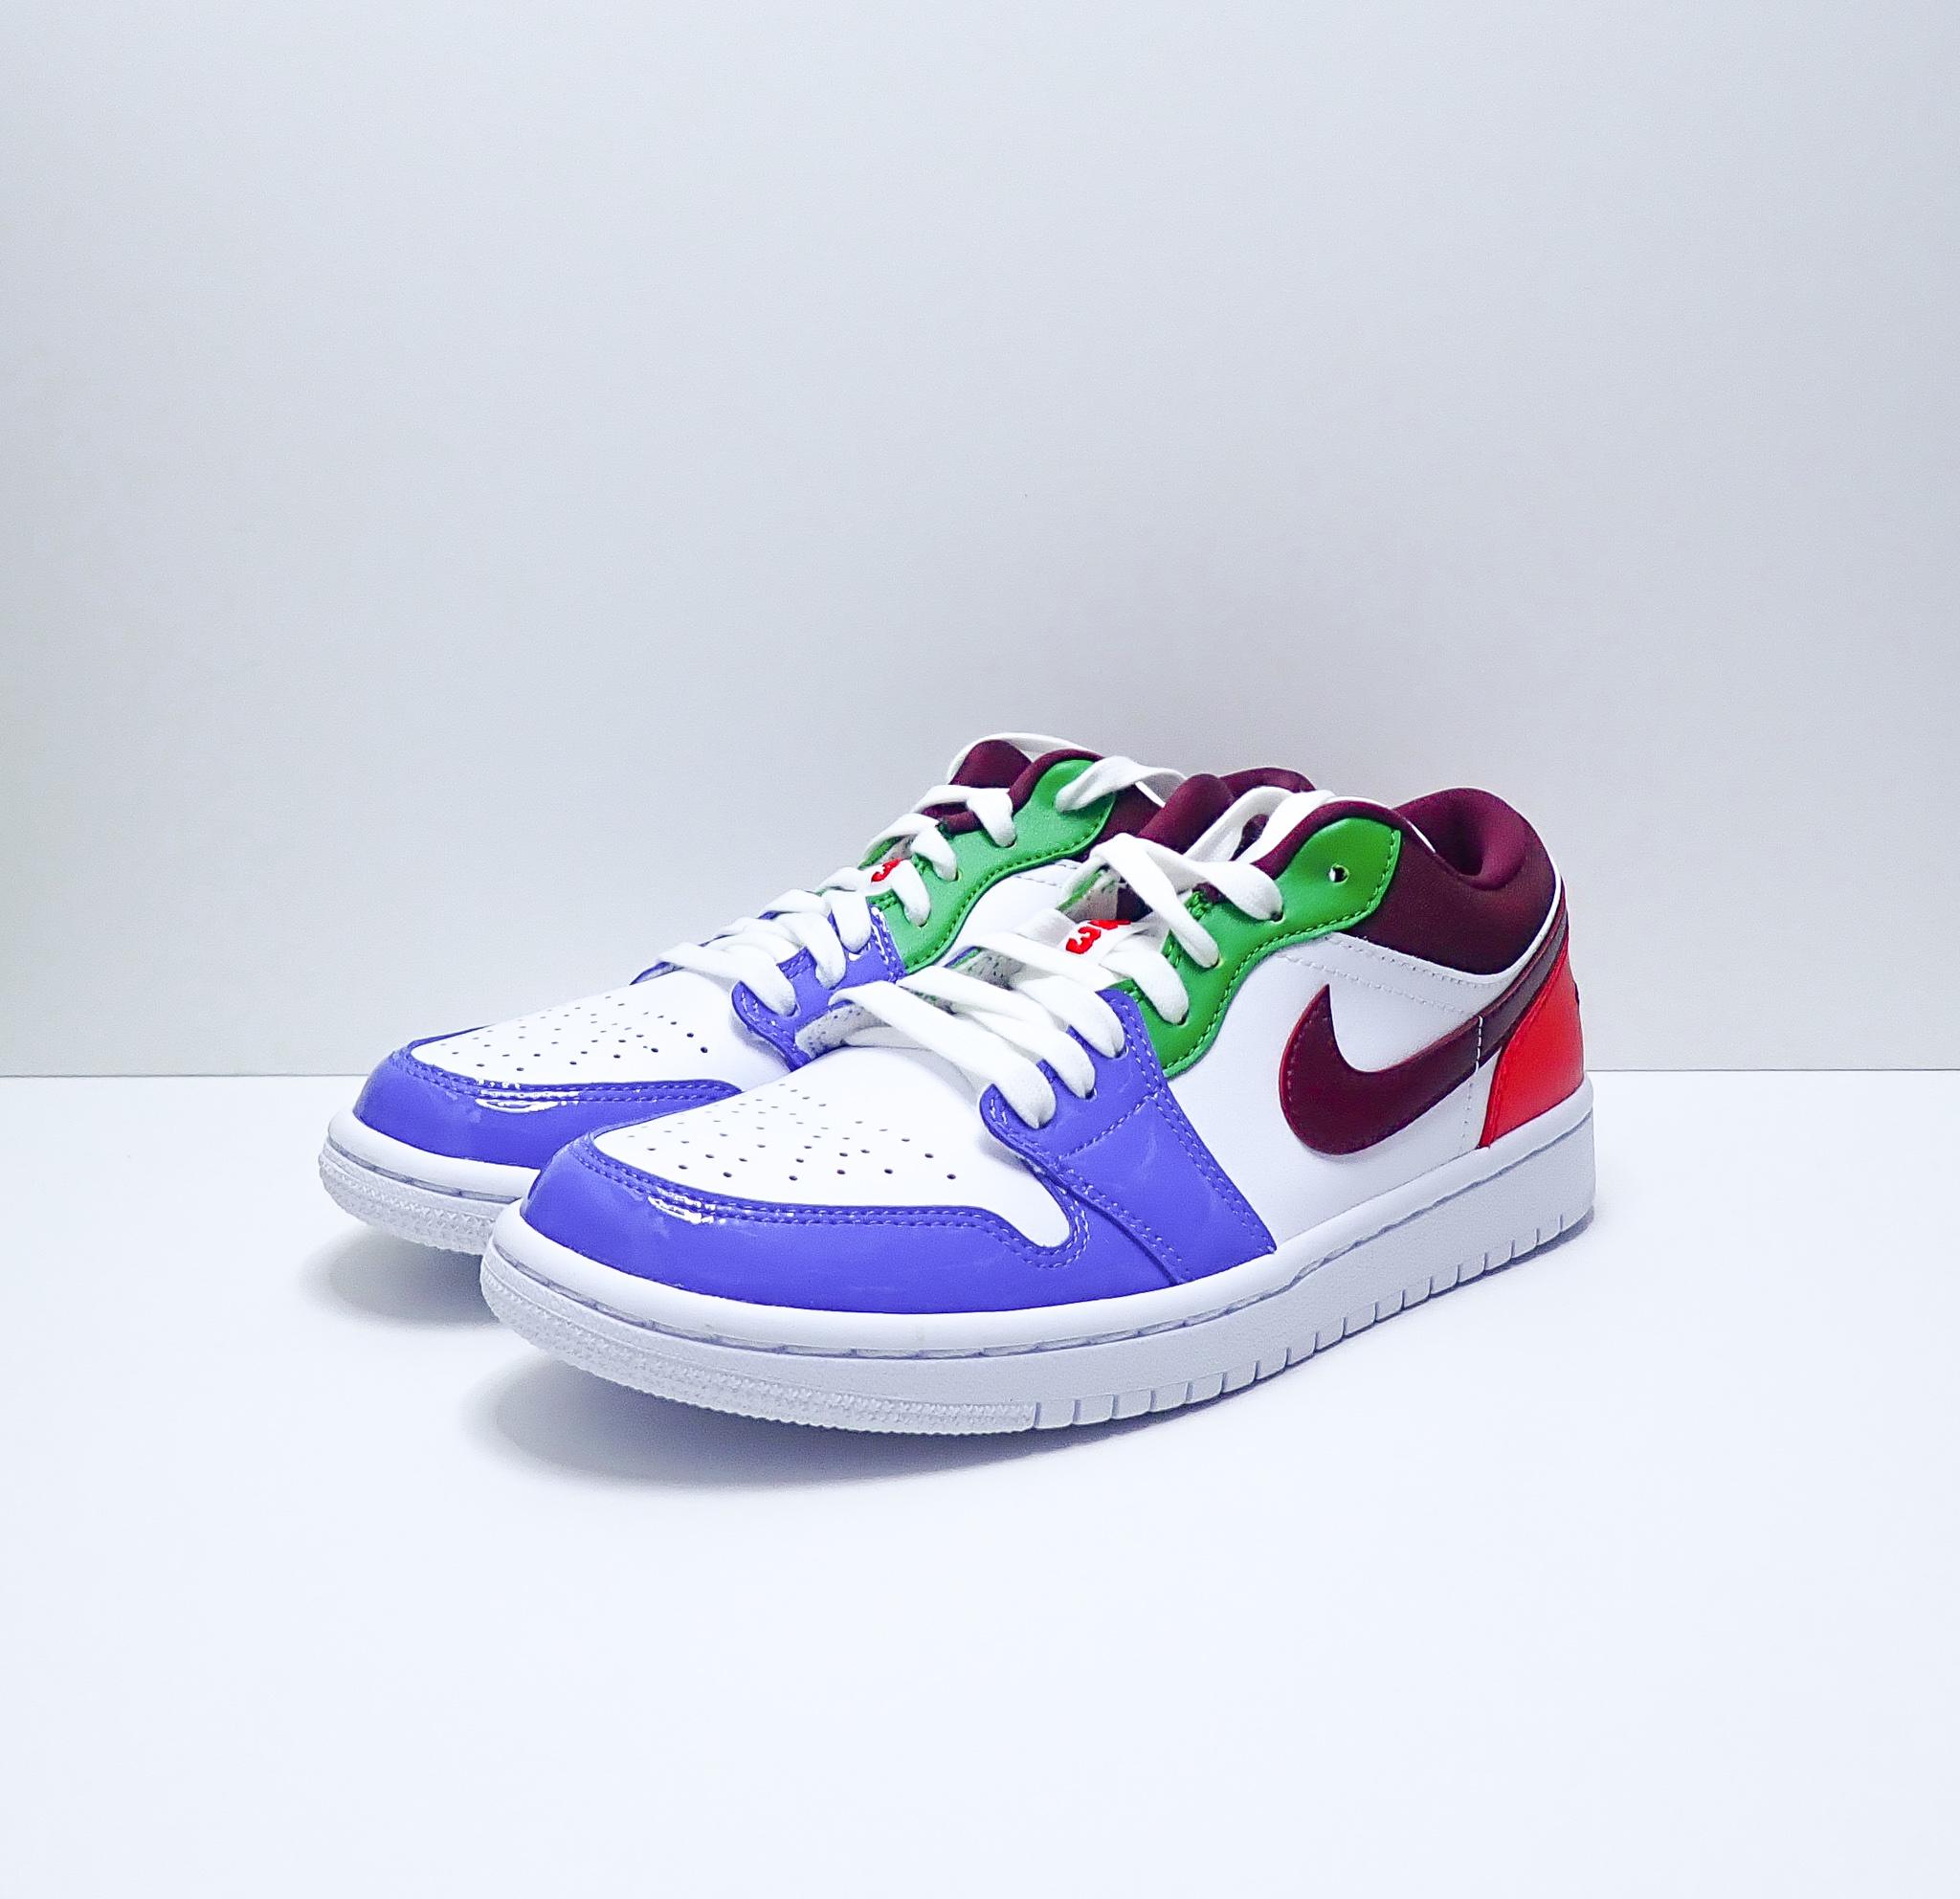 Jordan 1 Low W Multi Color